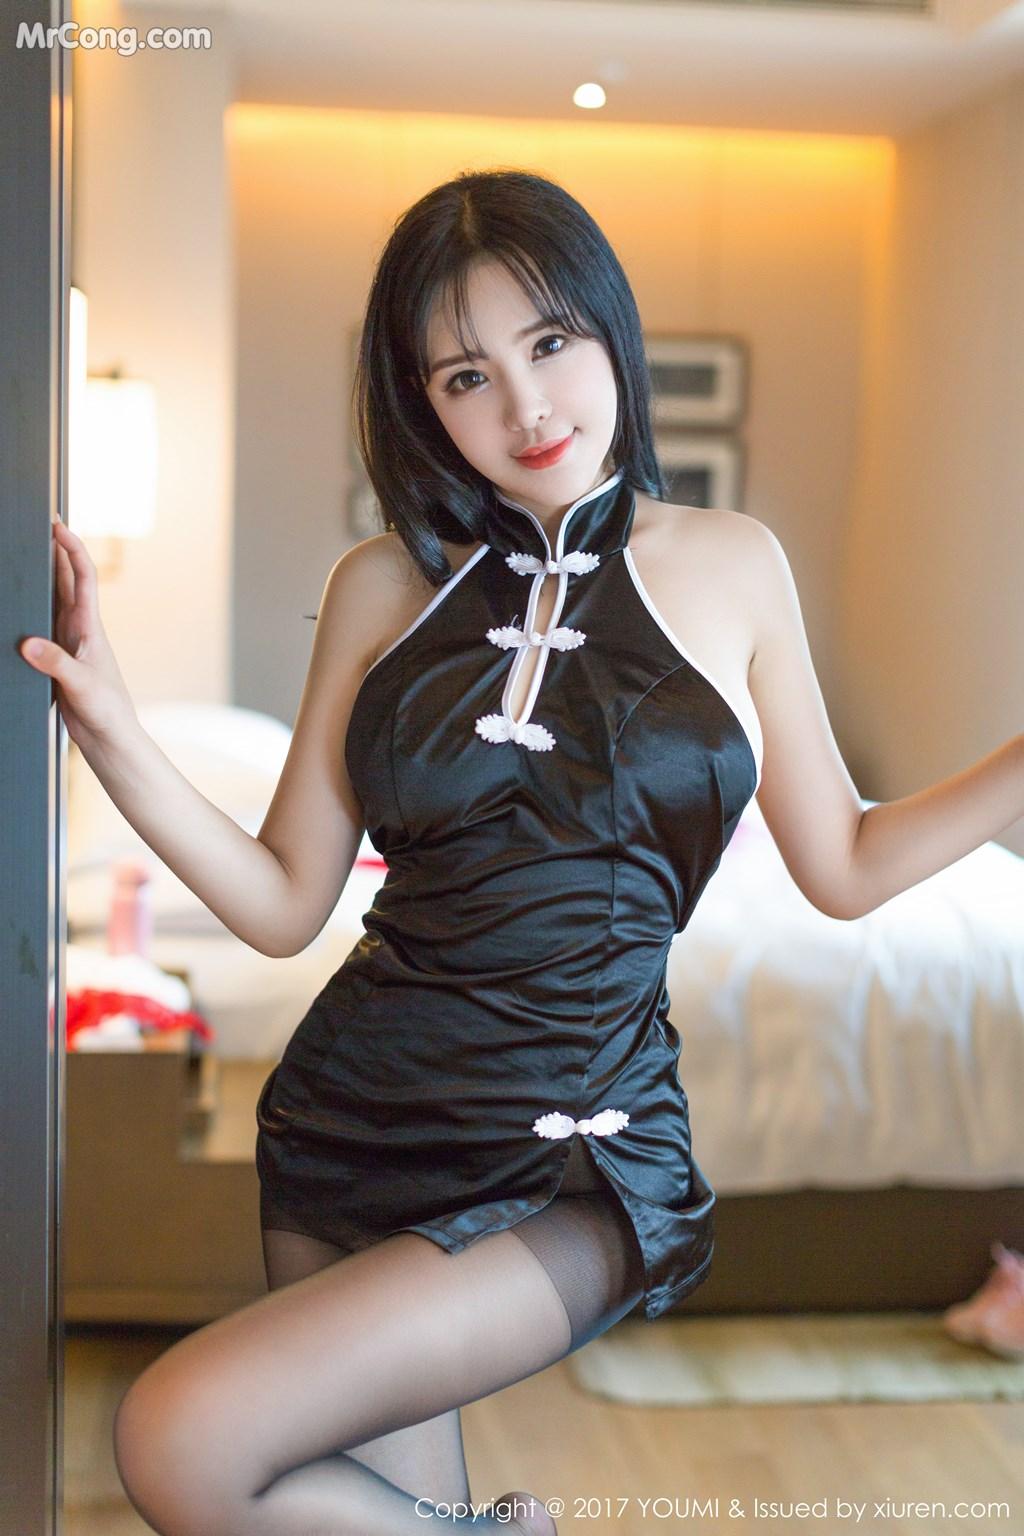 Image YouMi-Vol.074-Liu-Yu-Er-MrCong.com-006 in post YouMi Vol.074: Người mẫu Liu Yu Er (刘钰儿) (51 ảnh)